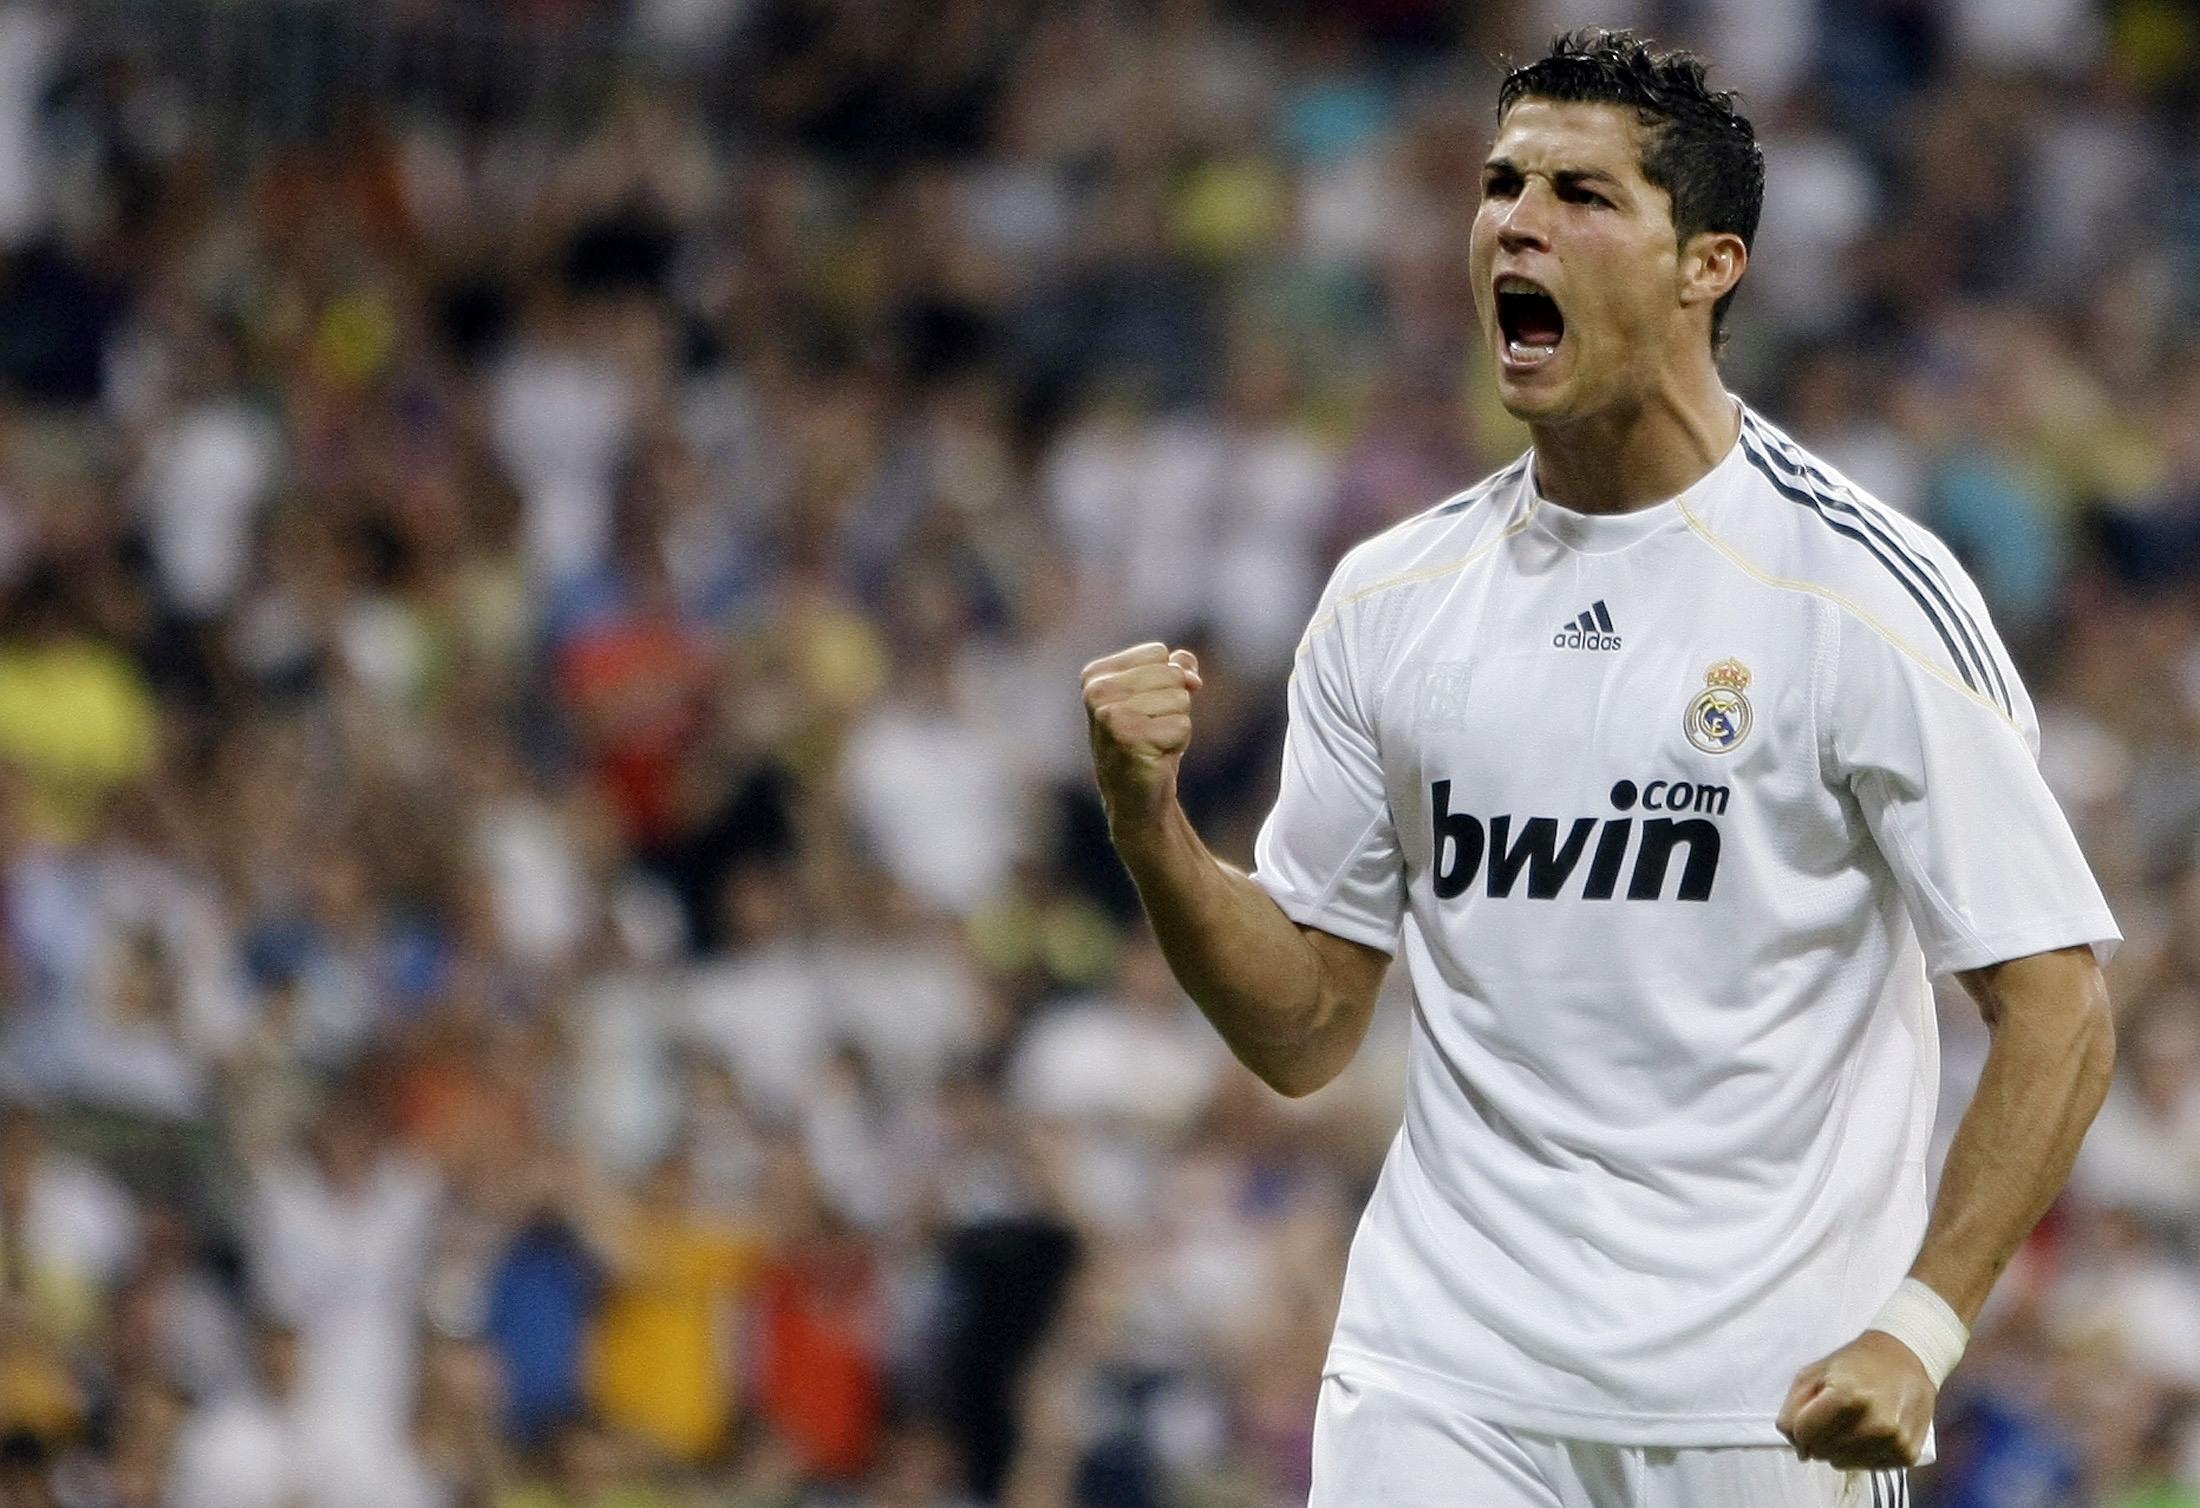 Как сообщает The Guardian, португальский форвард мадридского Реала